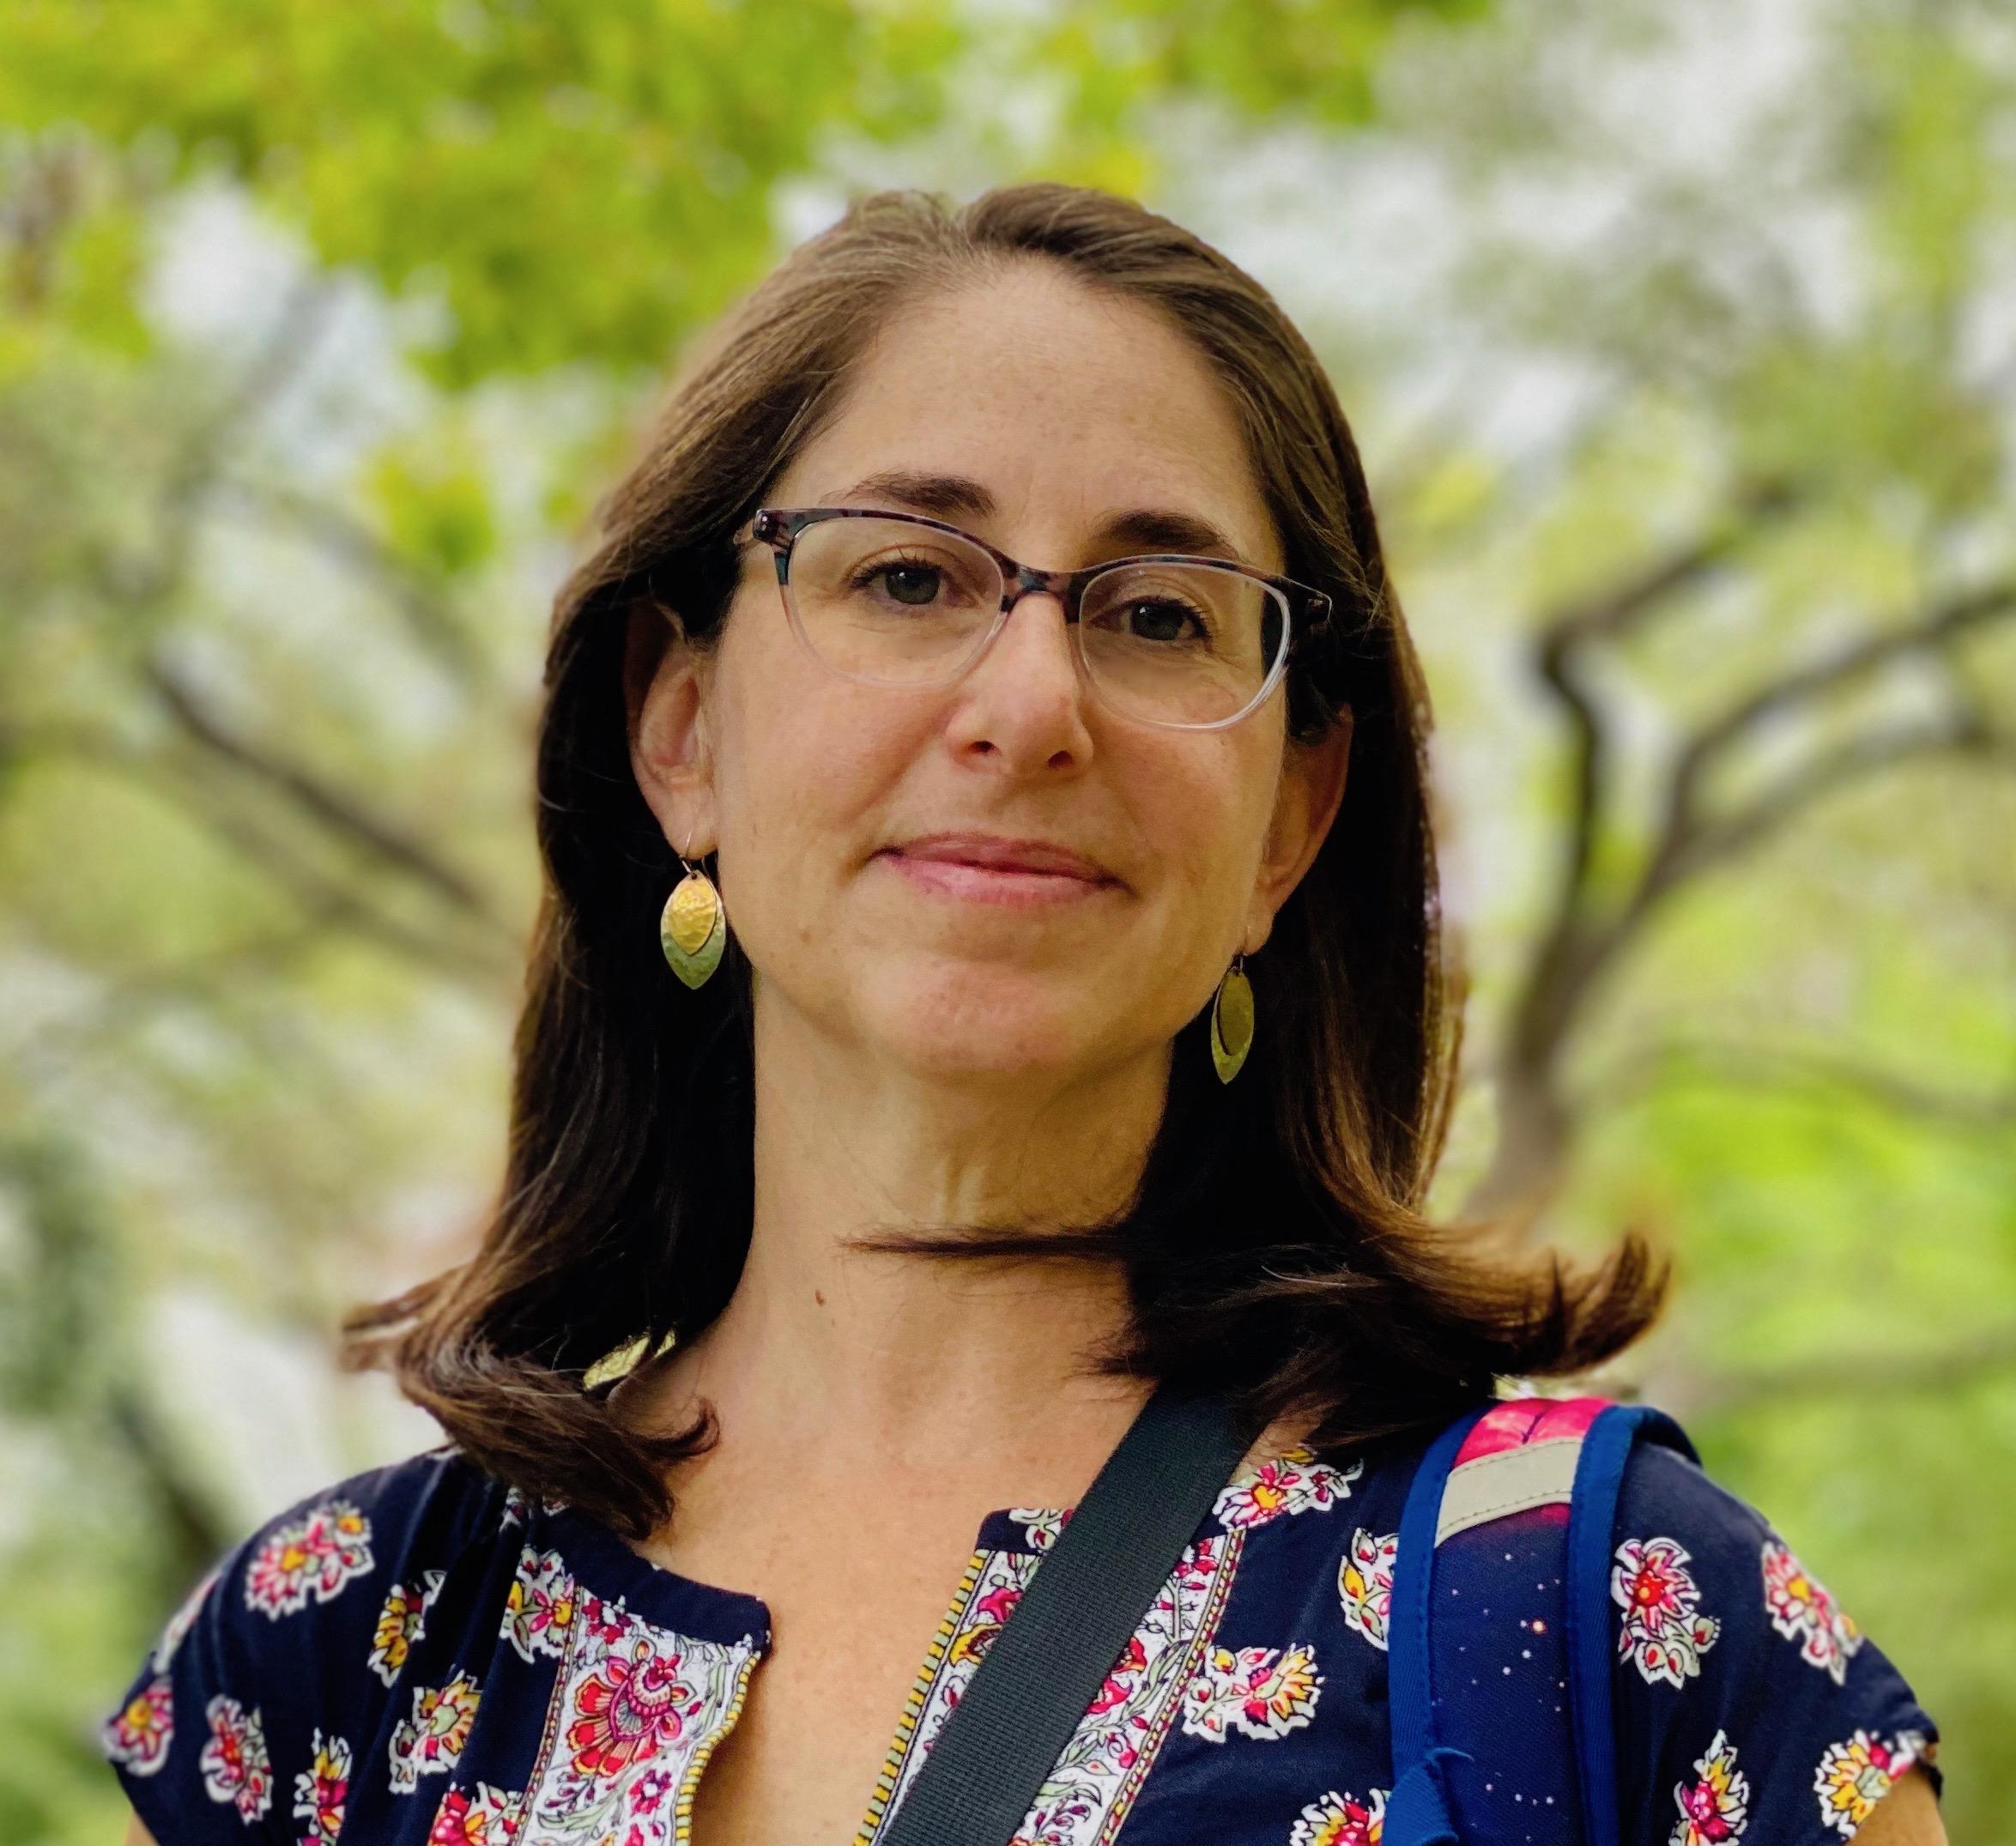 Rachel Zindler